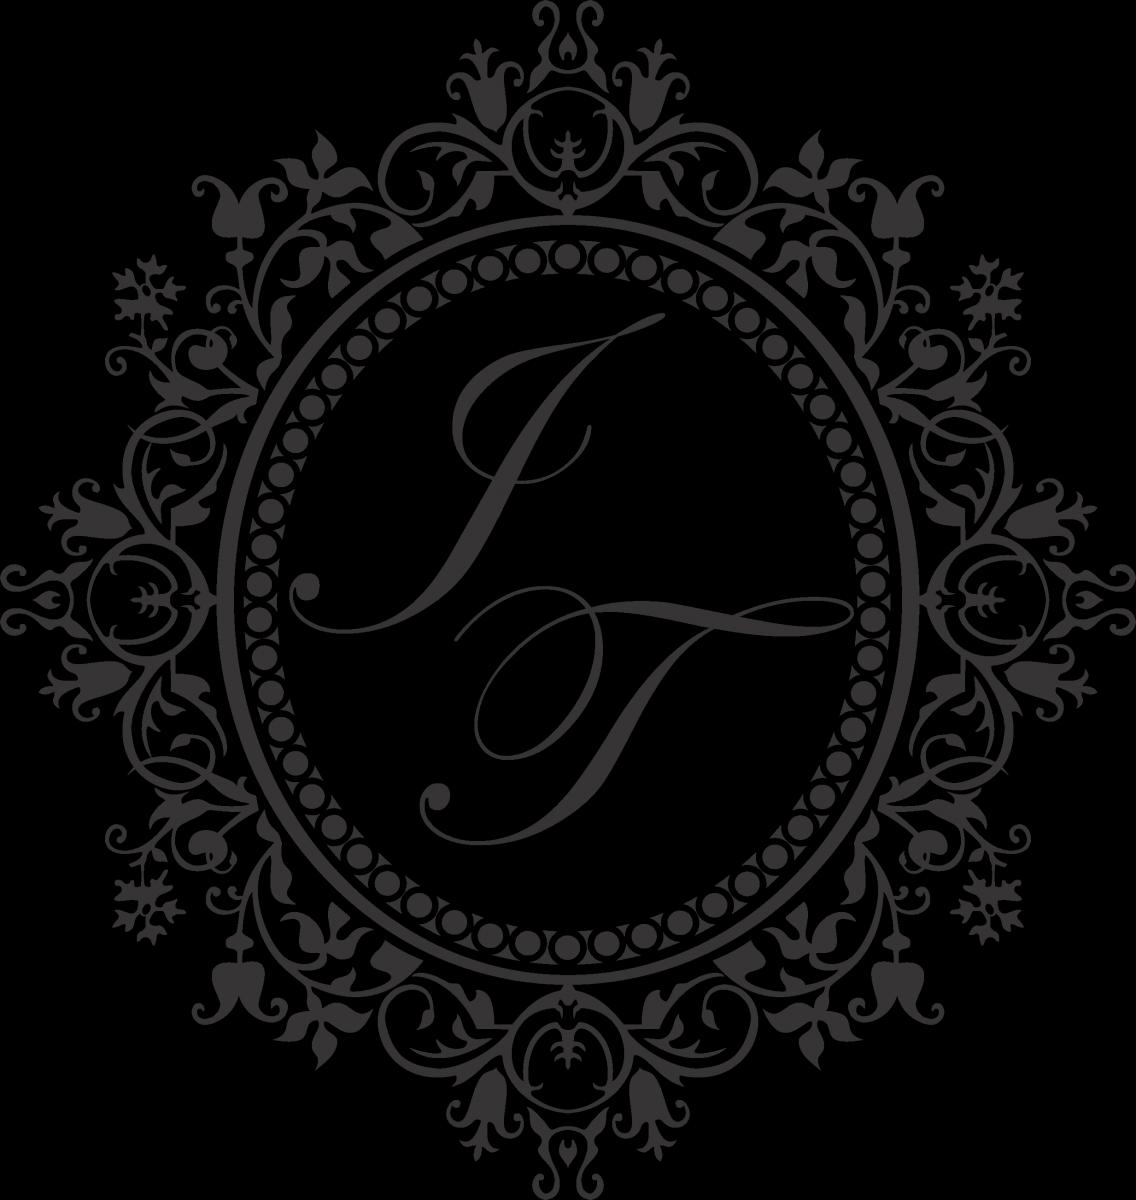 Vector Flores Convites Convites Casamento Casamento Png E: Layout De Convite De Casamento Gratis